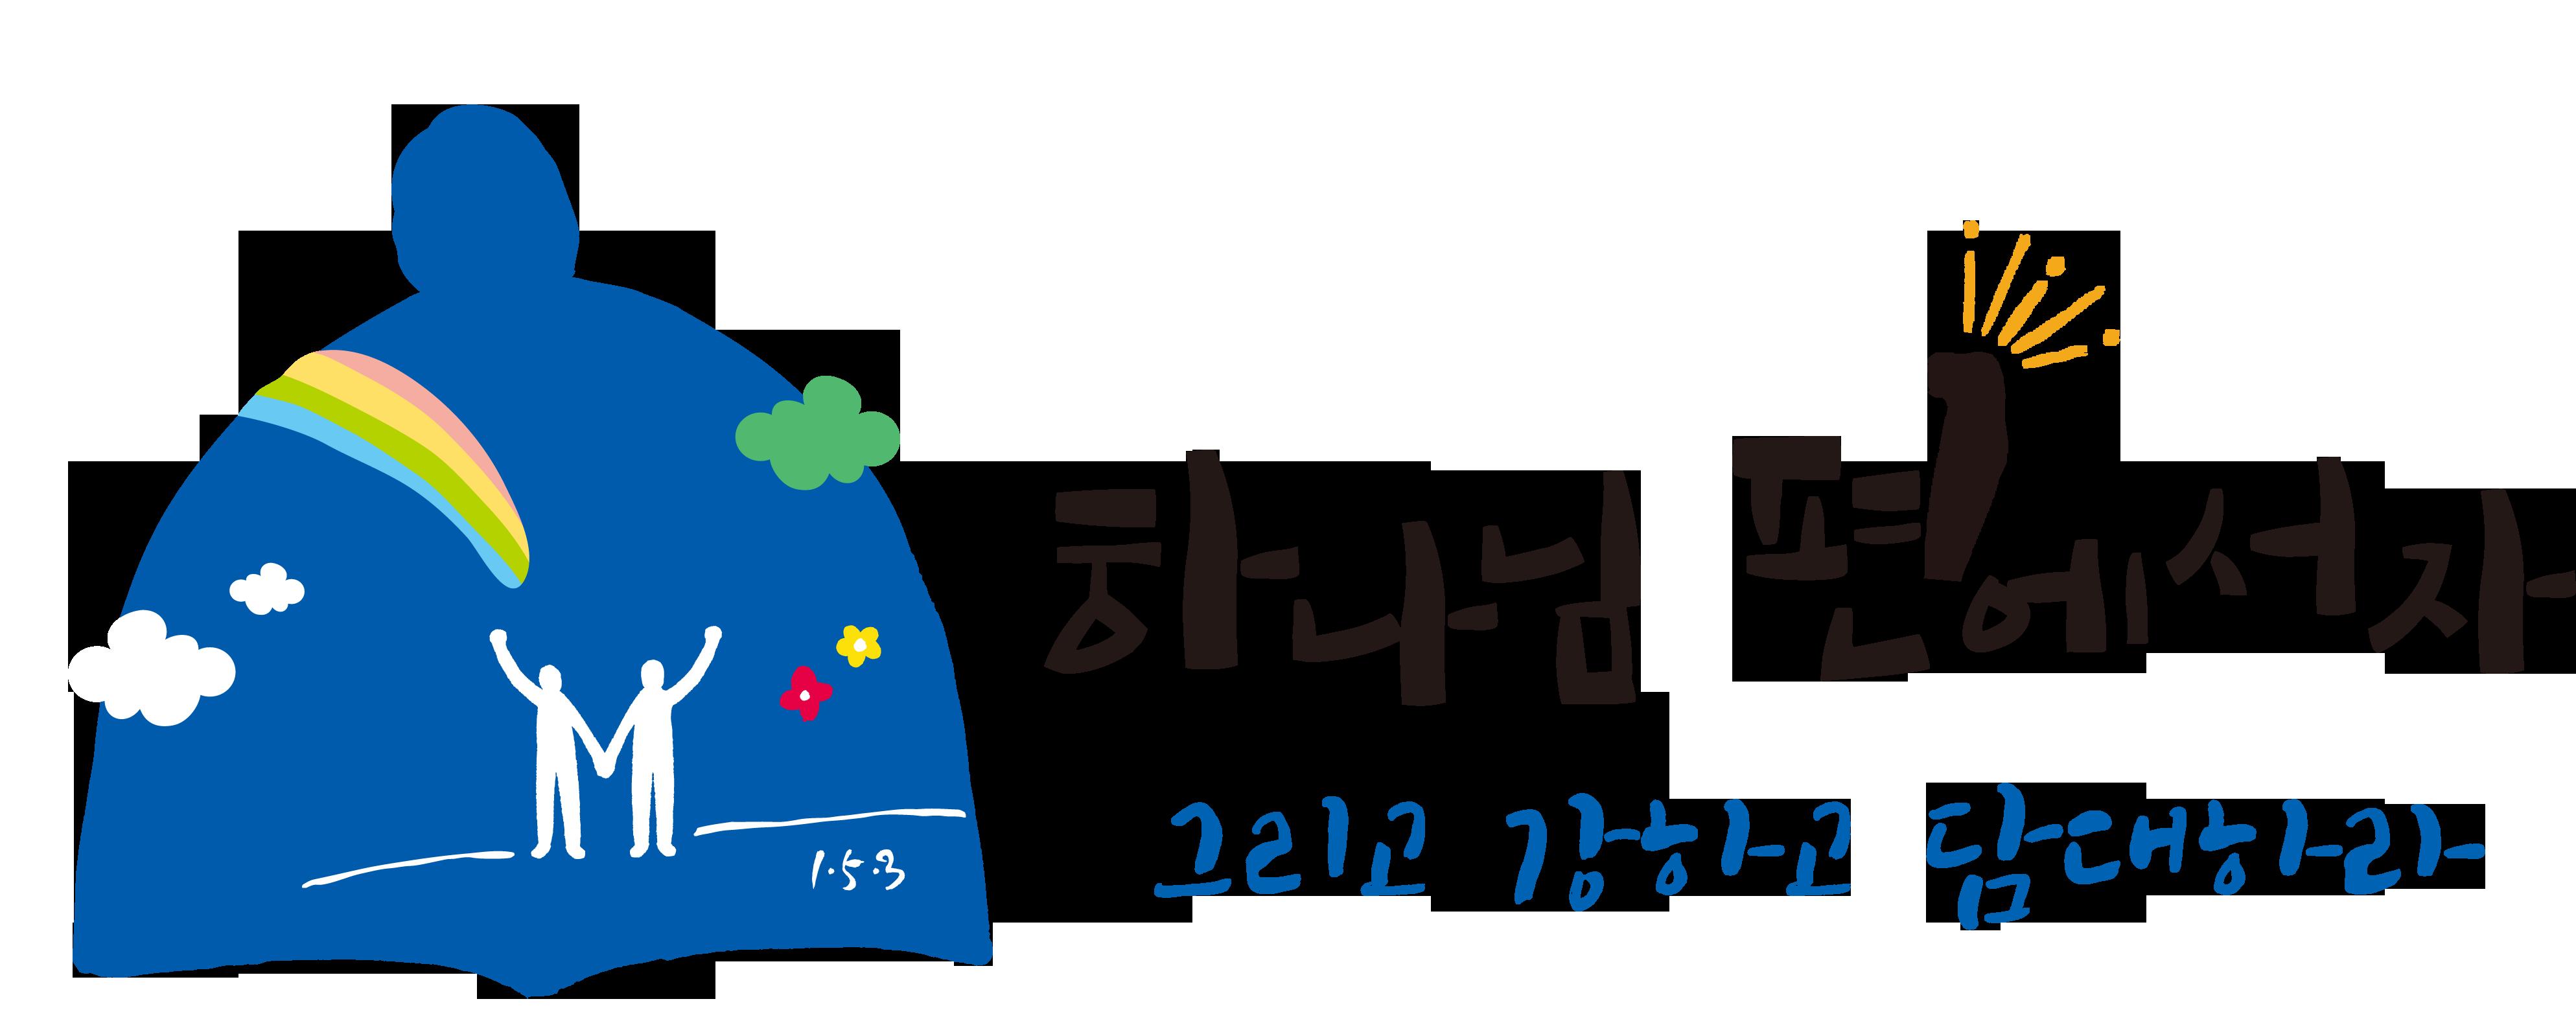 2020-표어-투명 최종.png